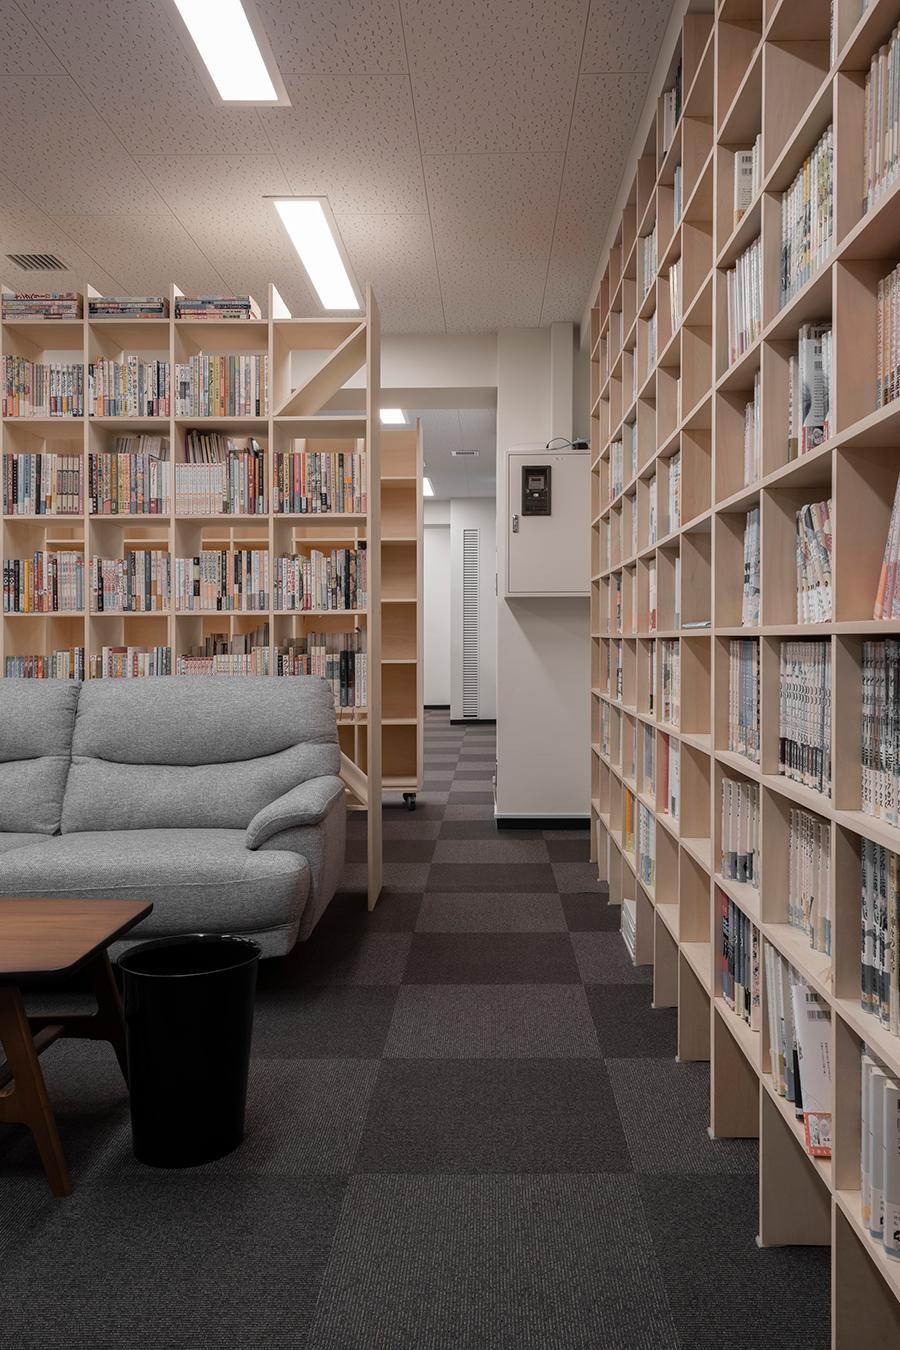 本棚に囲まれた閲覧室